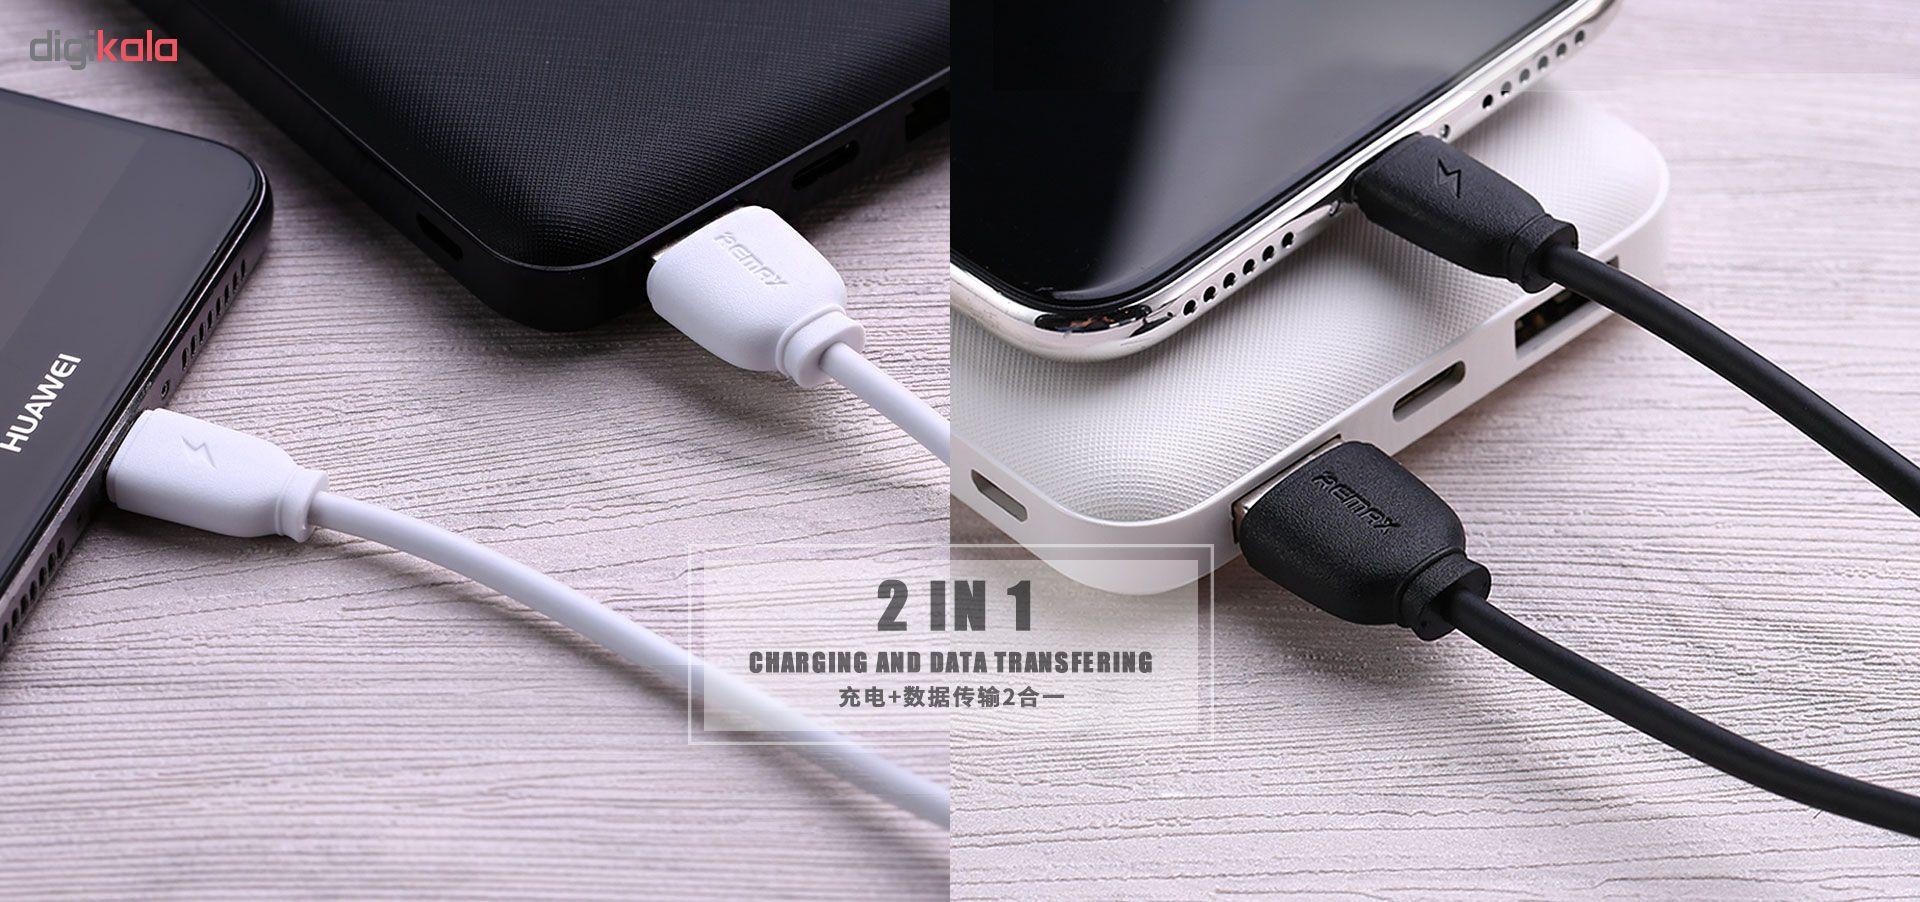 کابل تبدیل USB به لایتنینگ ریمکس مدل RC-134i طول 1 متر